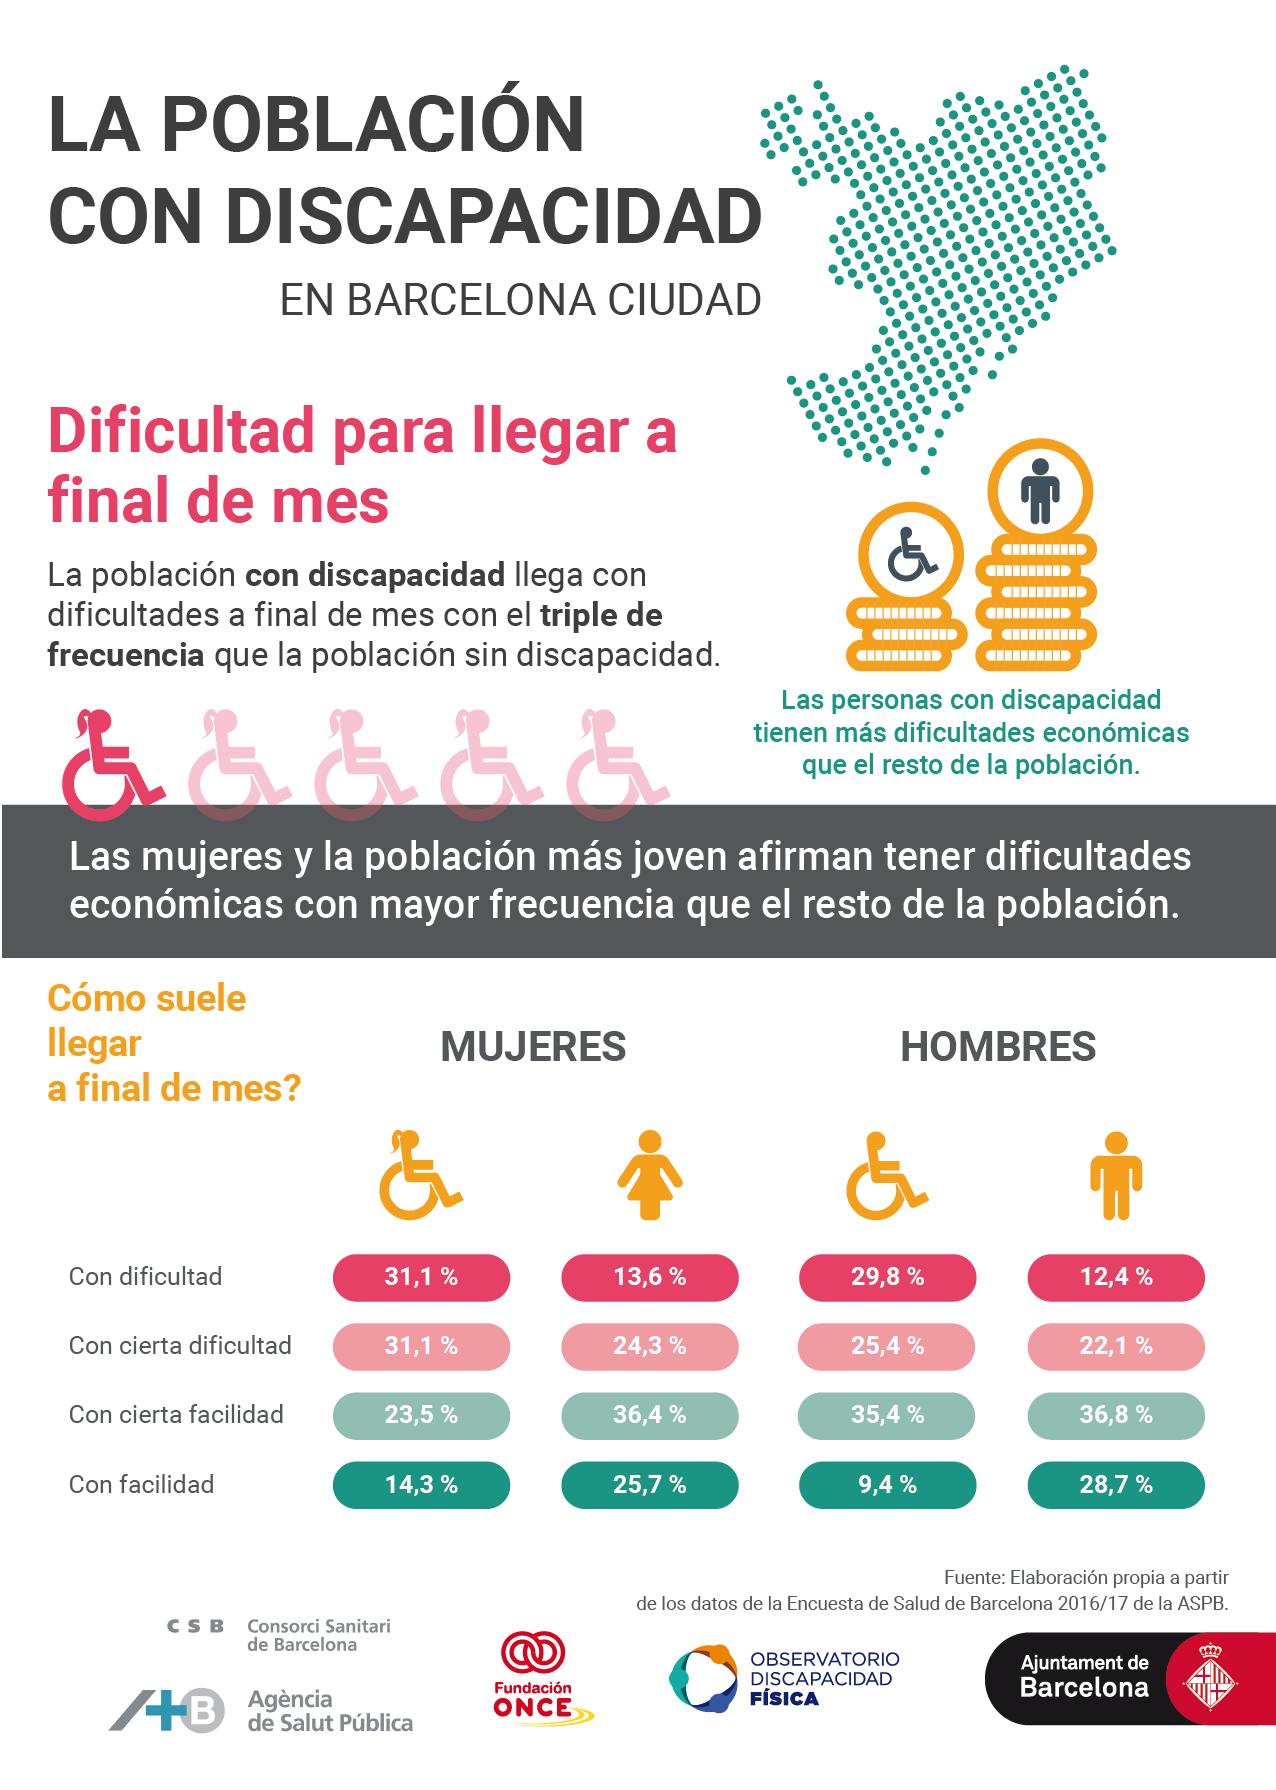 Infografía sobre las dificultades económicas de la población con discapacidad en comparación con el resto de la población.